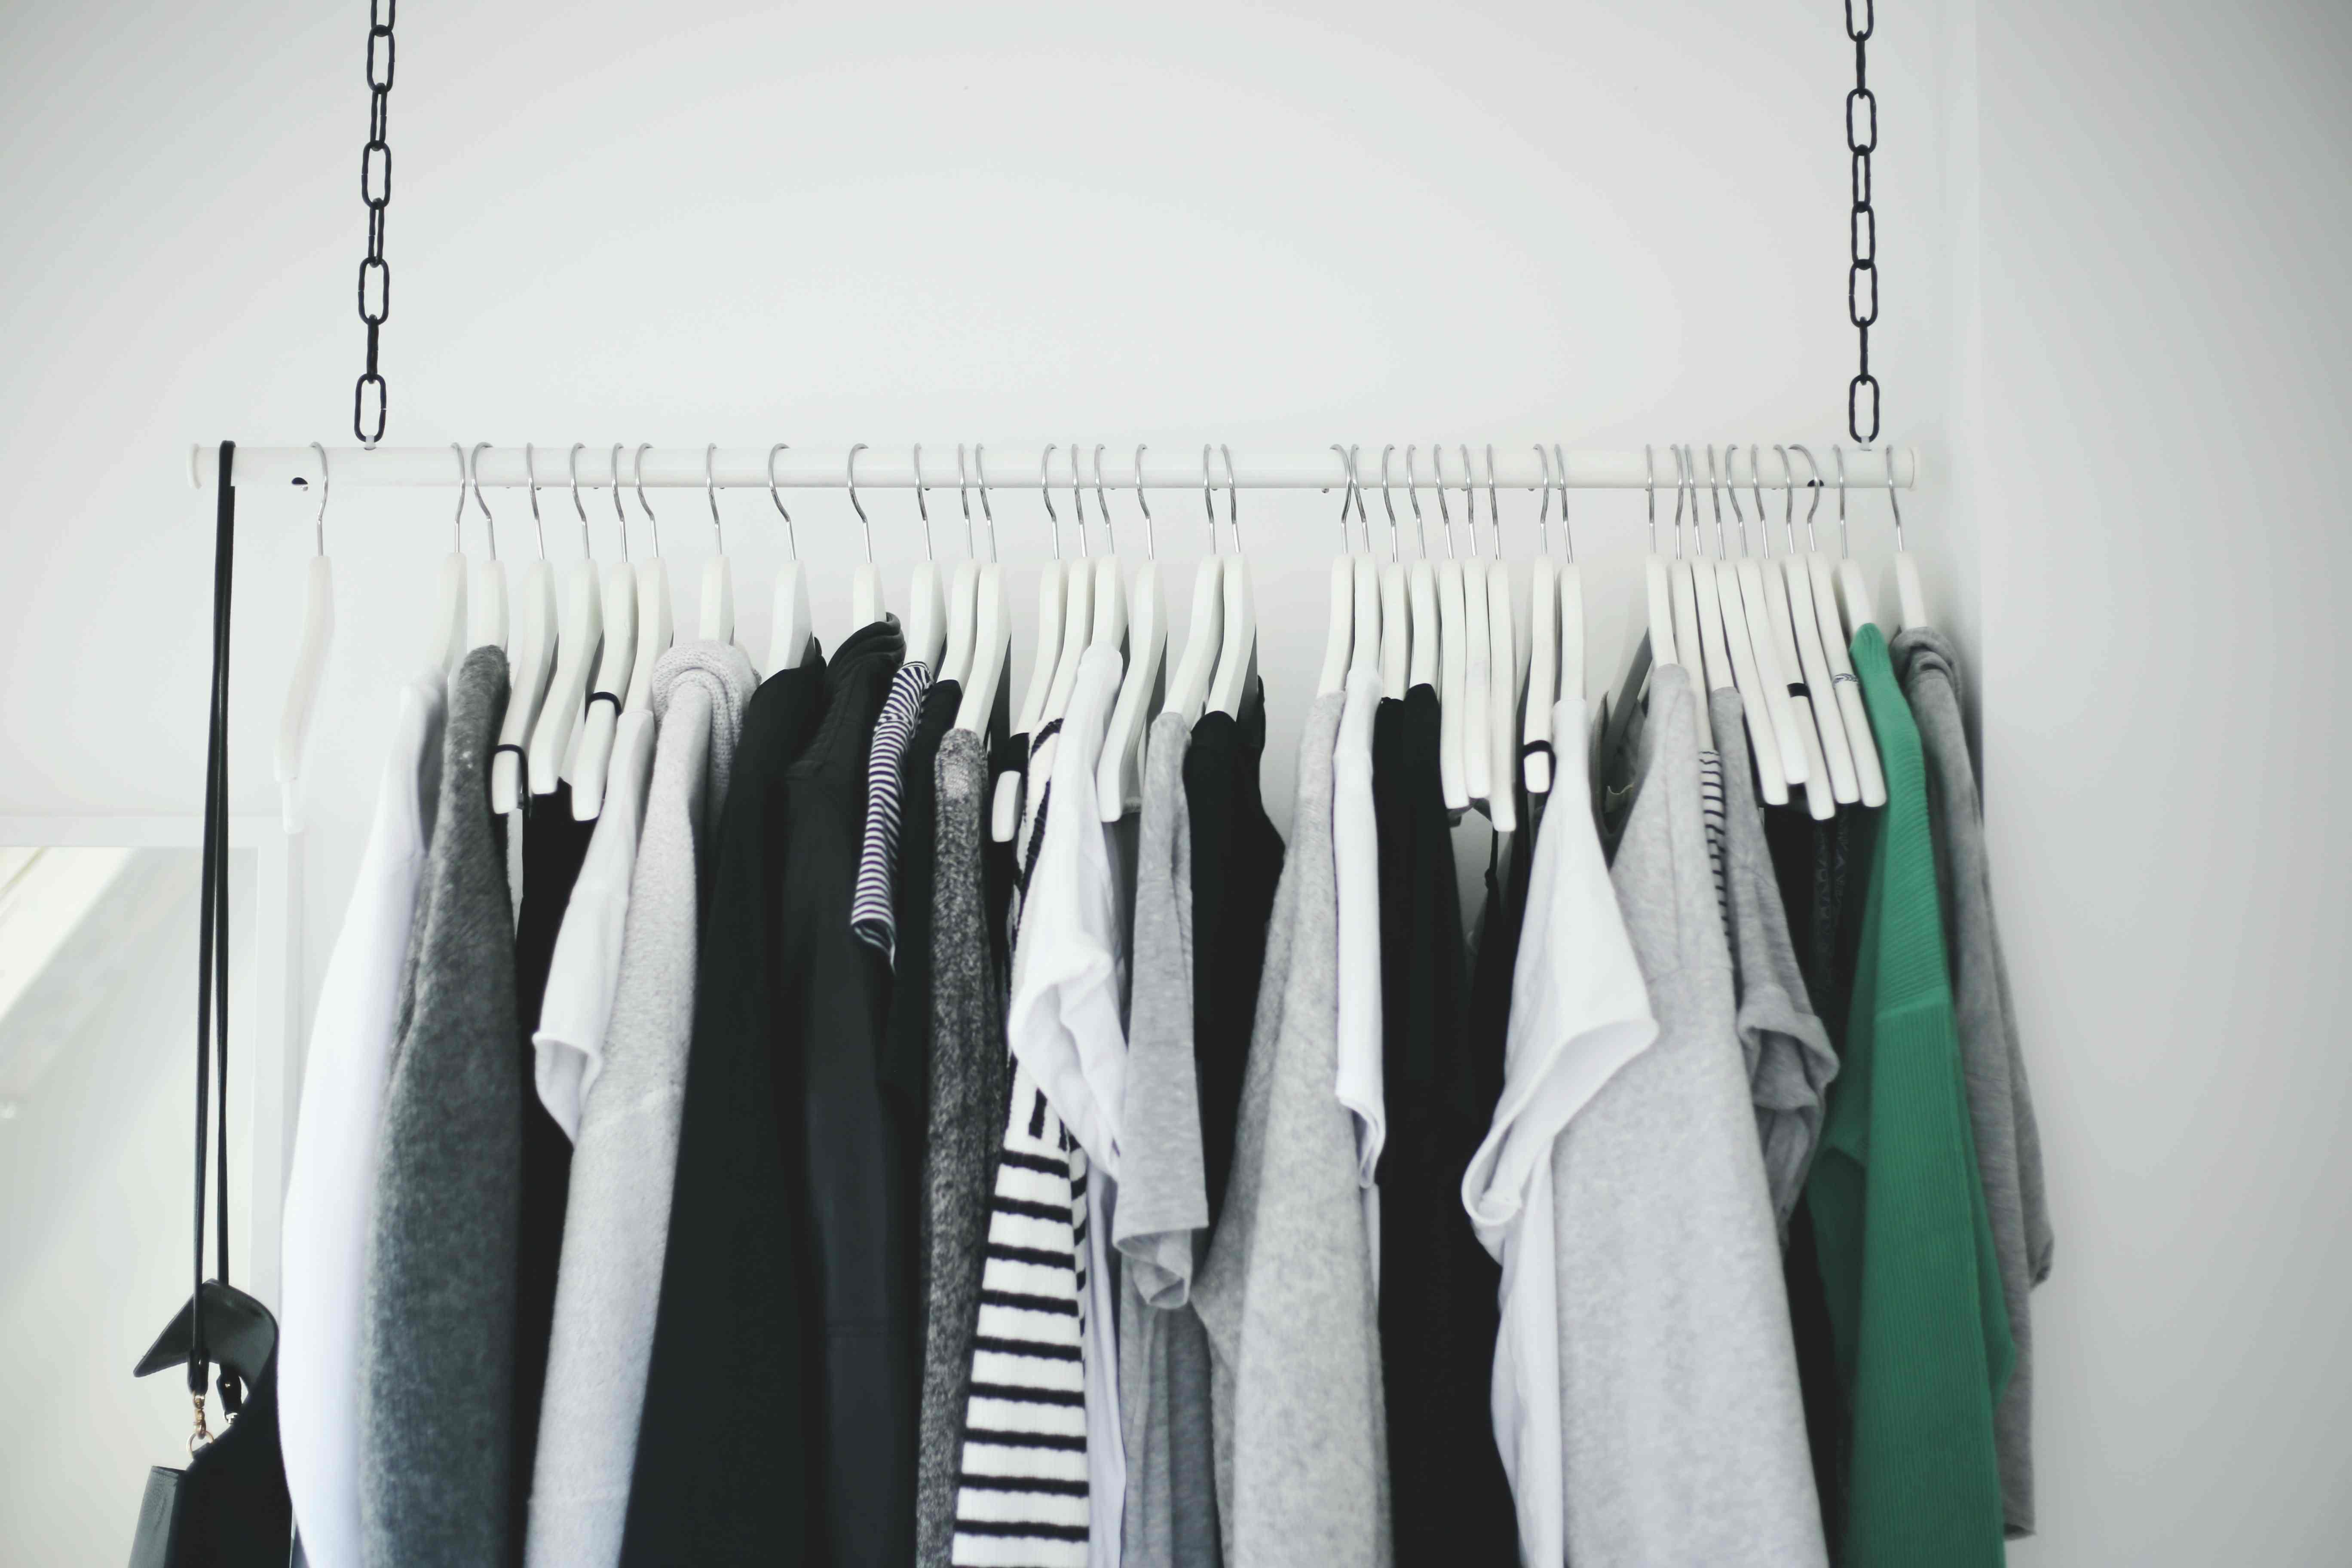 kleiderstange garderobe diy gliederkette wardrobe do live. Black Bedroom Furniture Sets. Home Design Ideas